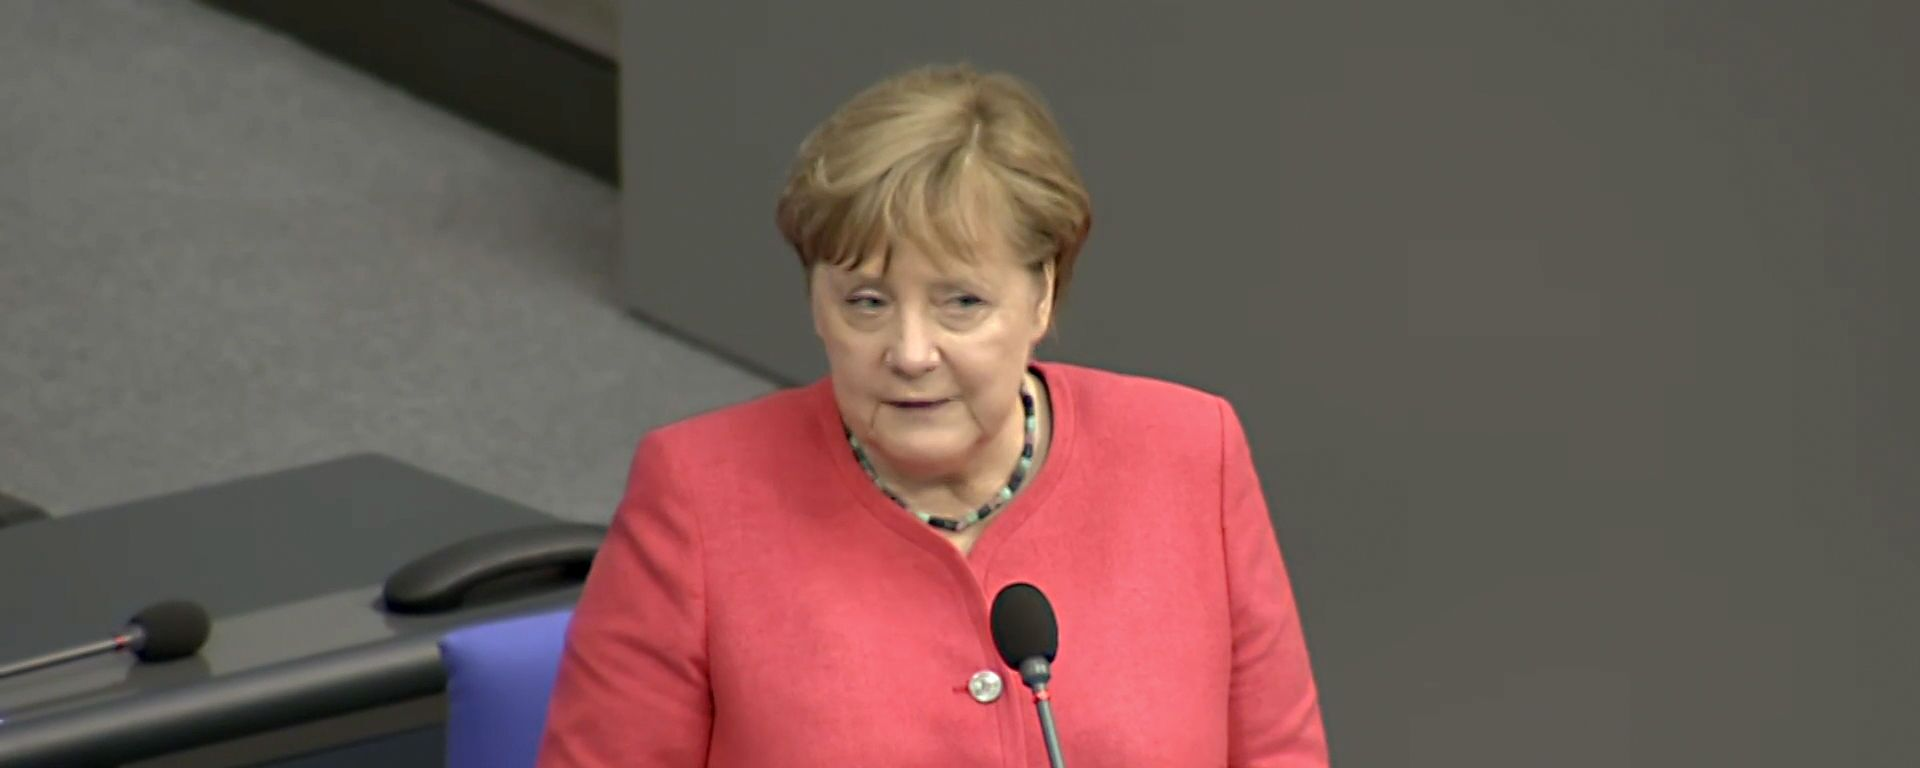 Крутой разворот: Германия угрожает США санкциями в ответ на попытку остановить Северный поток - 2 - Sputnik Ўзбекистон, 1920, 22.07.2021